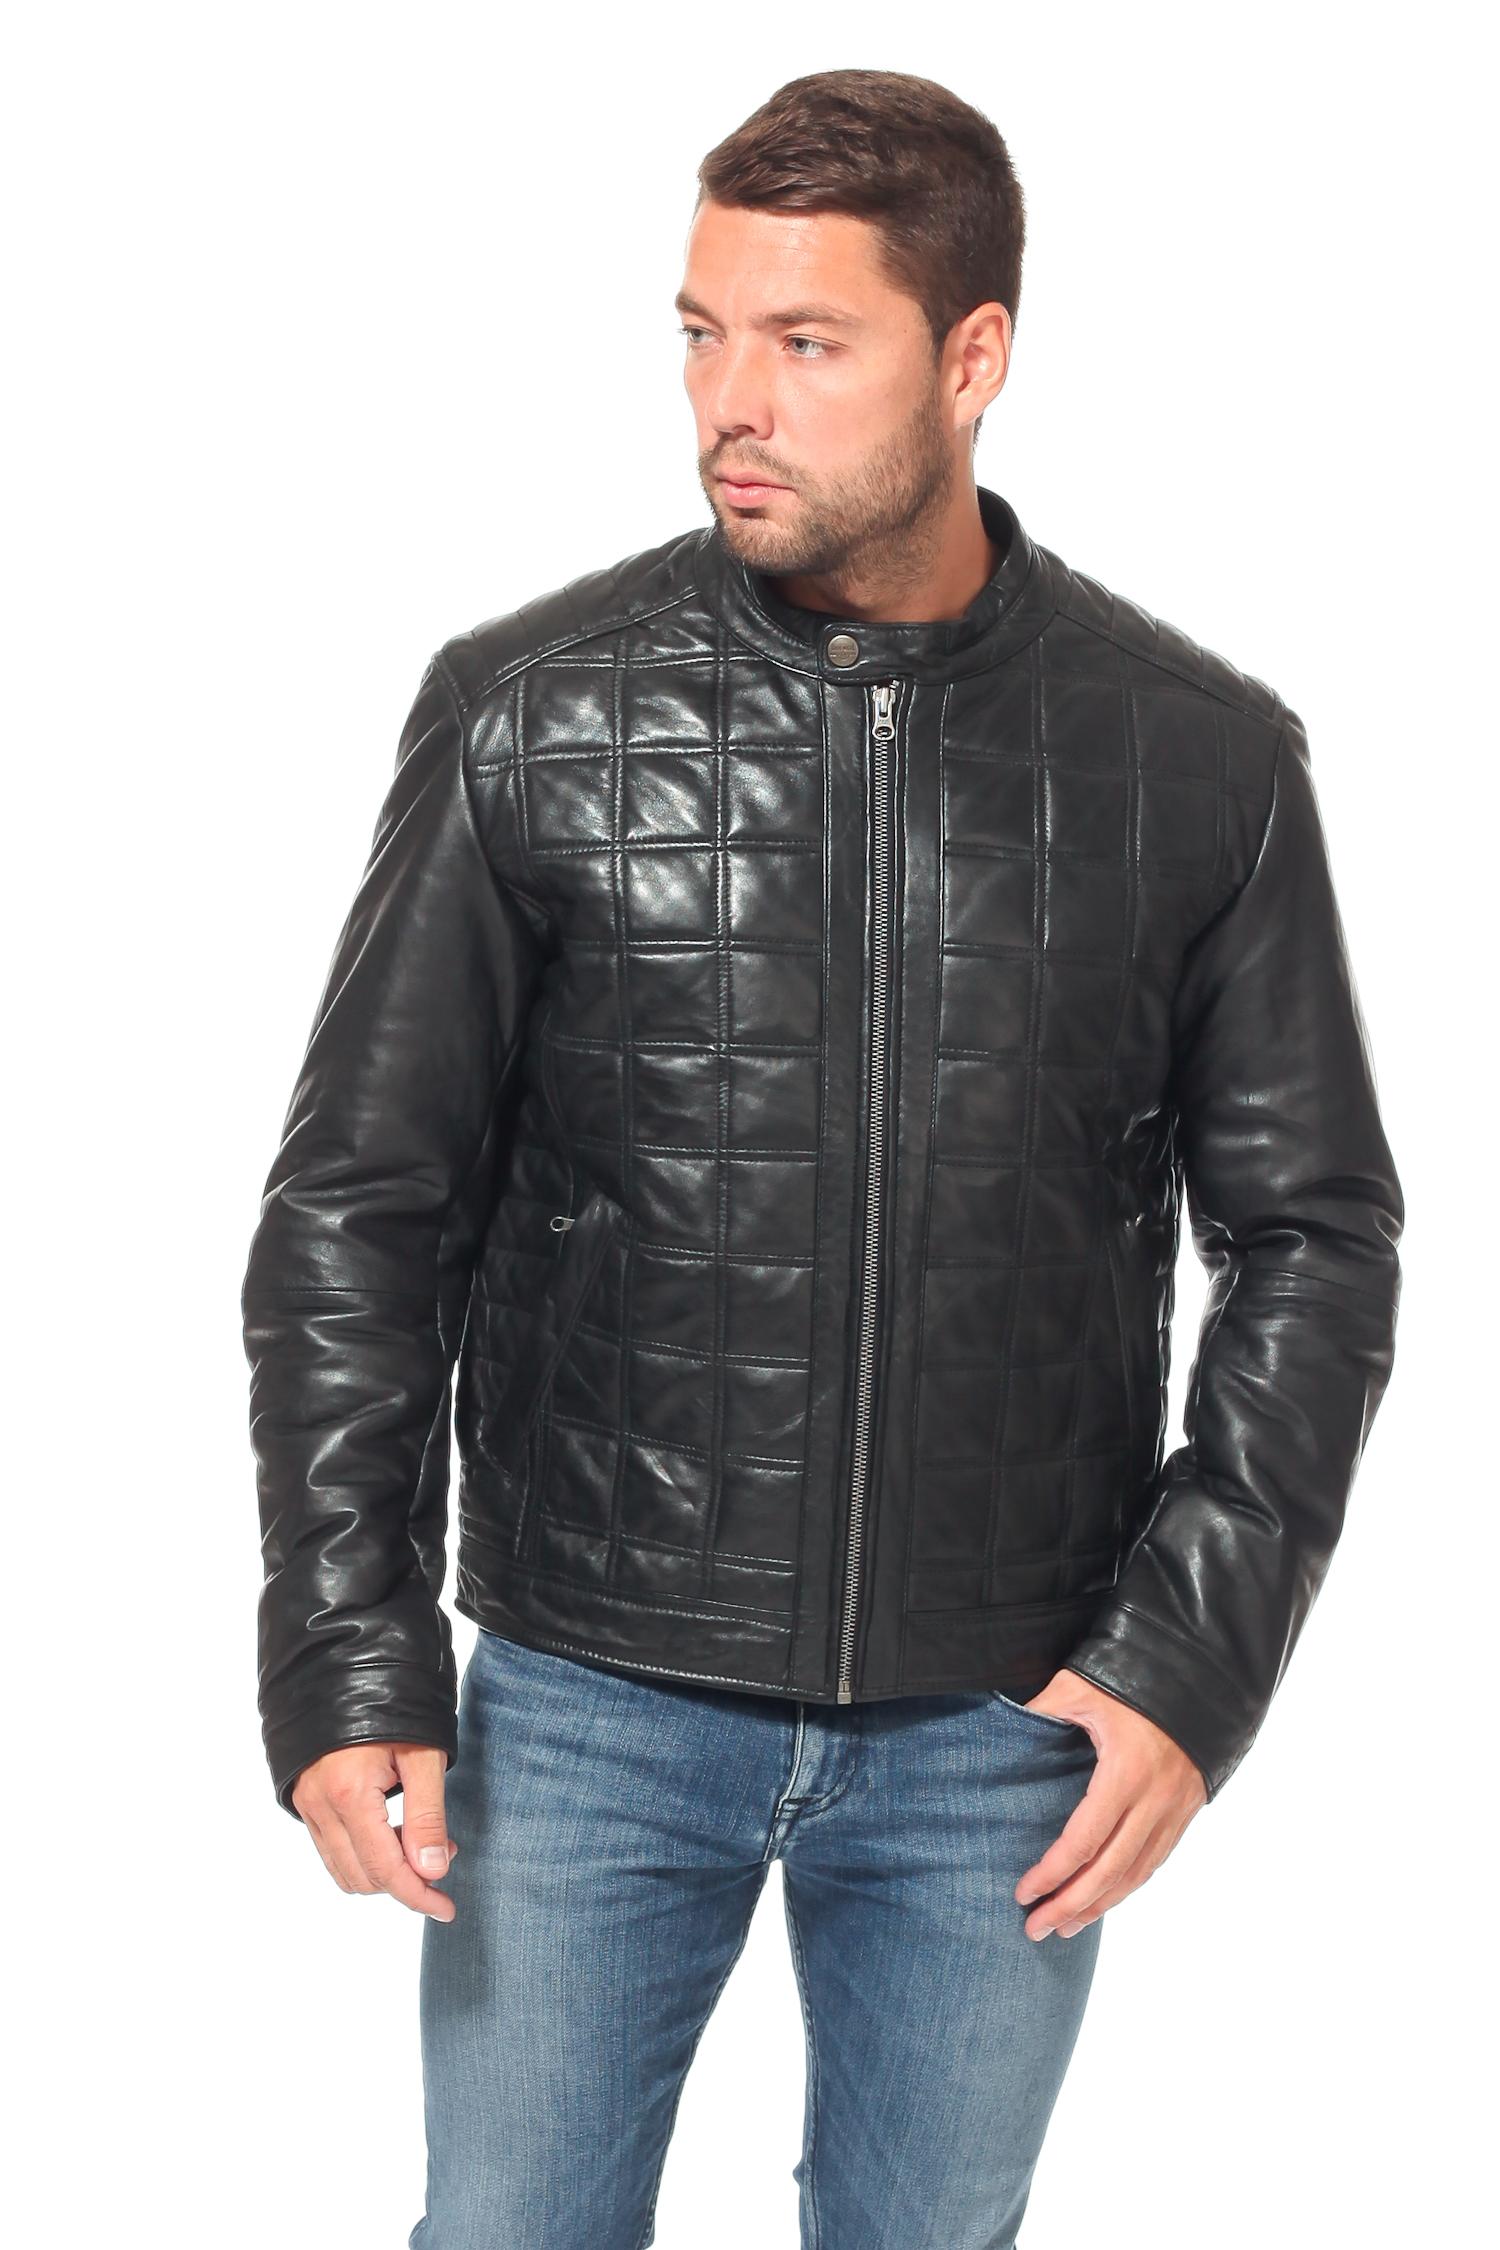 Мужская кожаная куртка из натуральной кожи утепленнаяЦвет - угольно-черный.<br><br>Модель выполнена из высококачественной кожи.<br><br>Универсальная классика всегда актуальна. Стильная удобная куртка угольно-черного цвета займет достойное место в гардеробе осенью или весной. Модель прямого кроя с застежкой на молнию. Аккуратный воротник-стойка фиксируется кнопкой. Для дополнительного удобства боковые карманы застегиваются на молнию, а манжеты фиксируются на кнопку. Отдельного внимания заслуживает декоративная строчка по всей поверхности изделия. Симметричный рисунок придает особенный неповторимый вид куртке. Текстильная подкаладка выполнена из полиэстера.<br><br>Воротник: стойка<br>Длина см: Короткая (51-74 )<br>Материал: Кожа овчина<br>Цвет: черный<br>Вид застежки: центральная<br>Застежка: на молнии<br>Пол: Мужской<br>Размер RU: 54